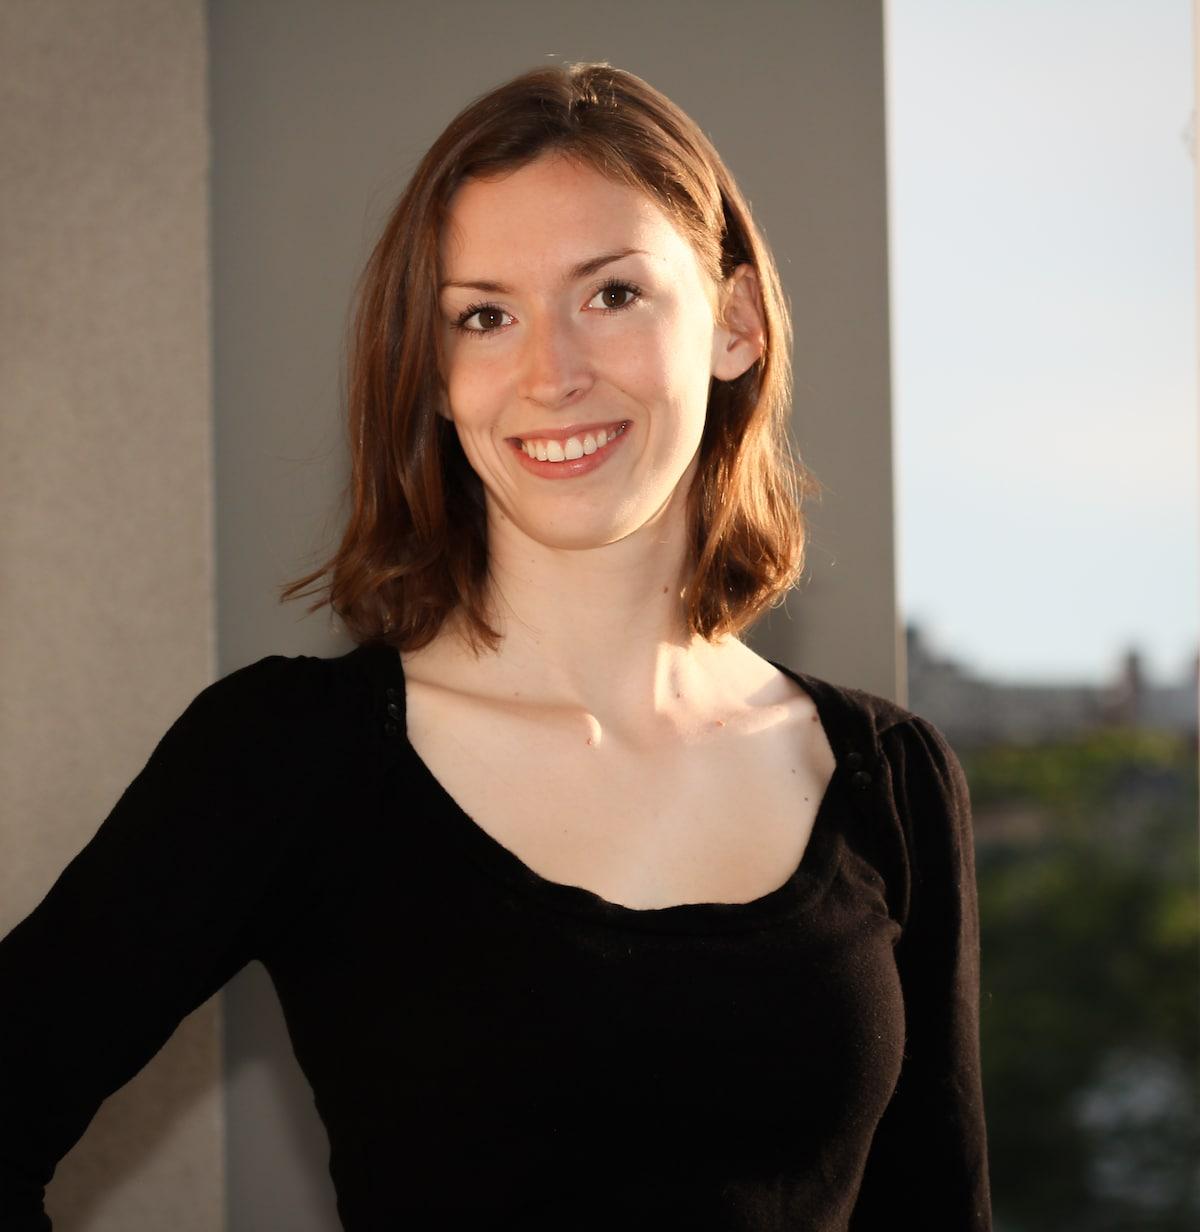 Lauren from Montréal